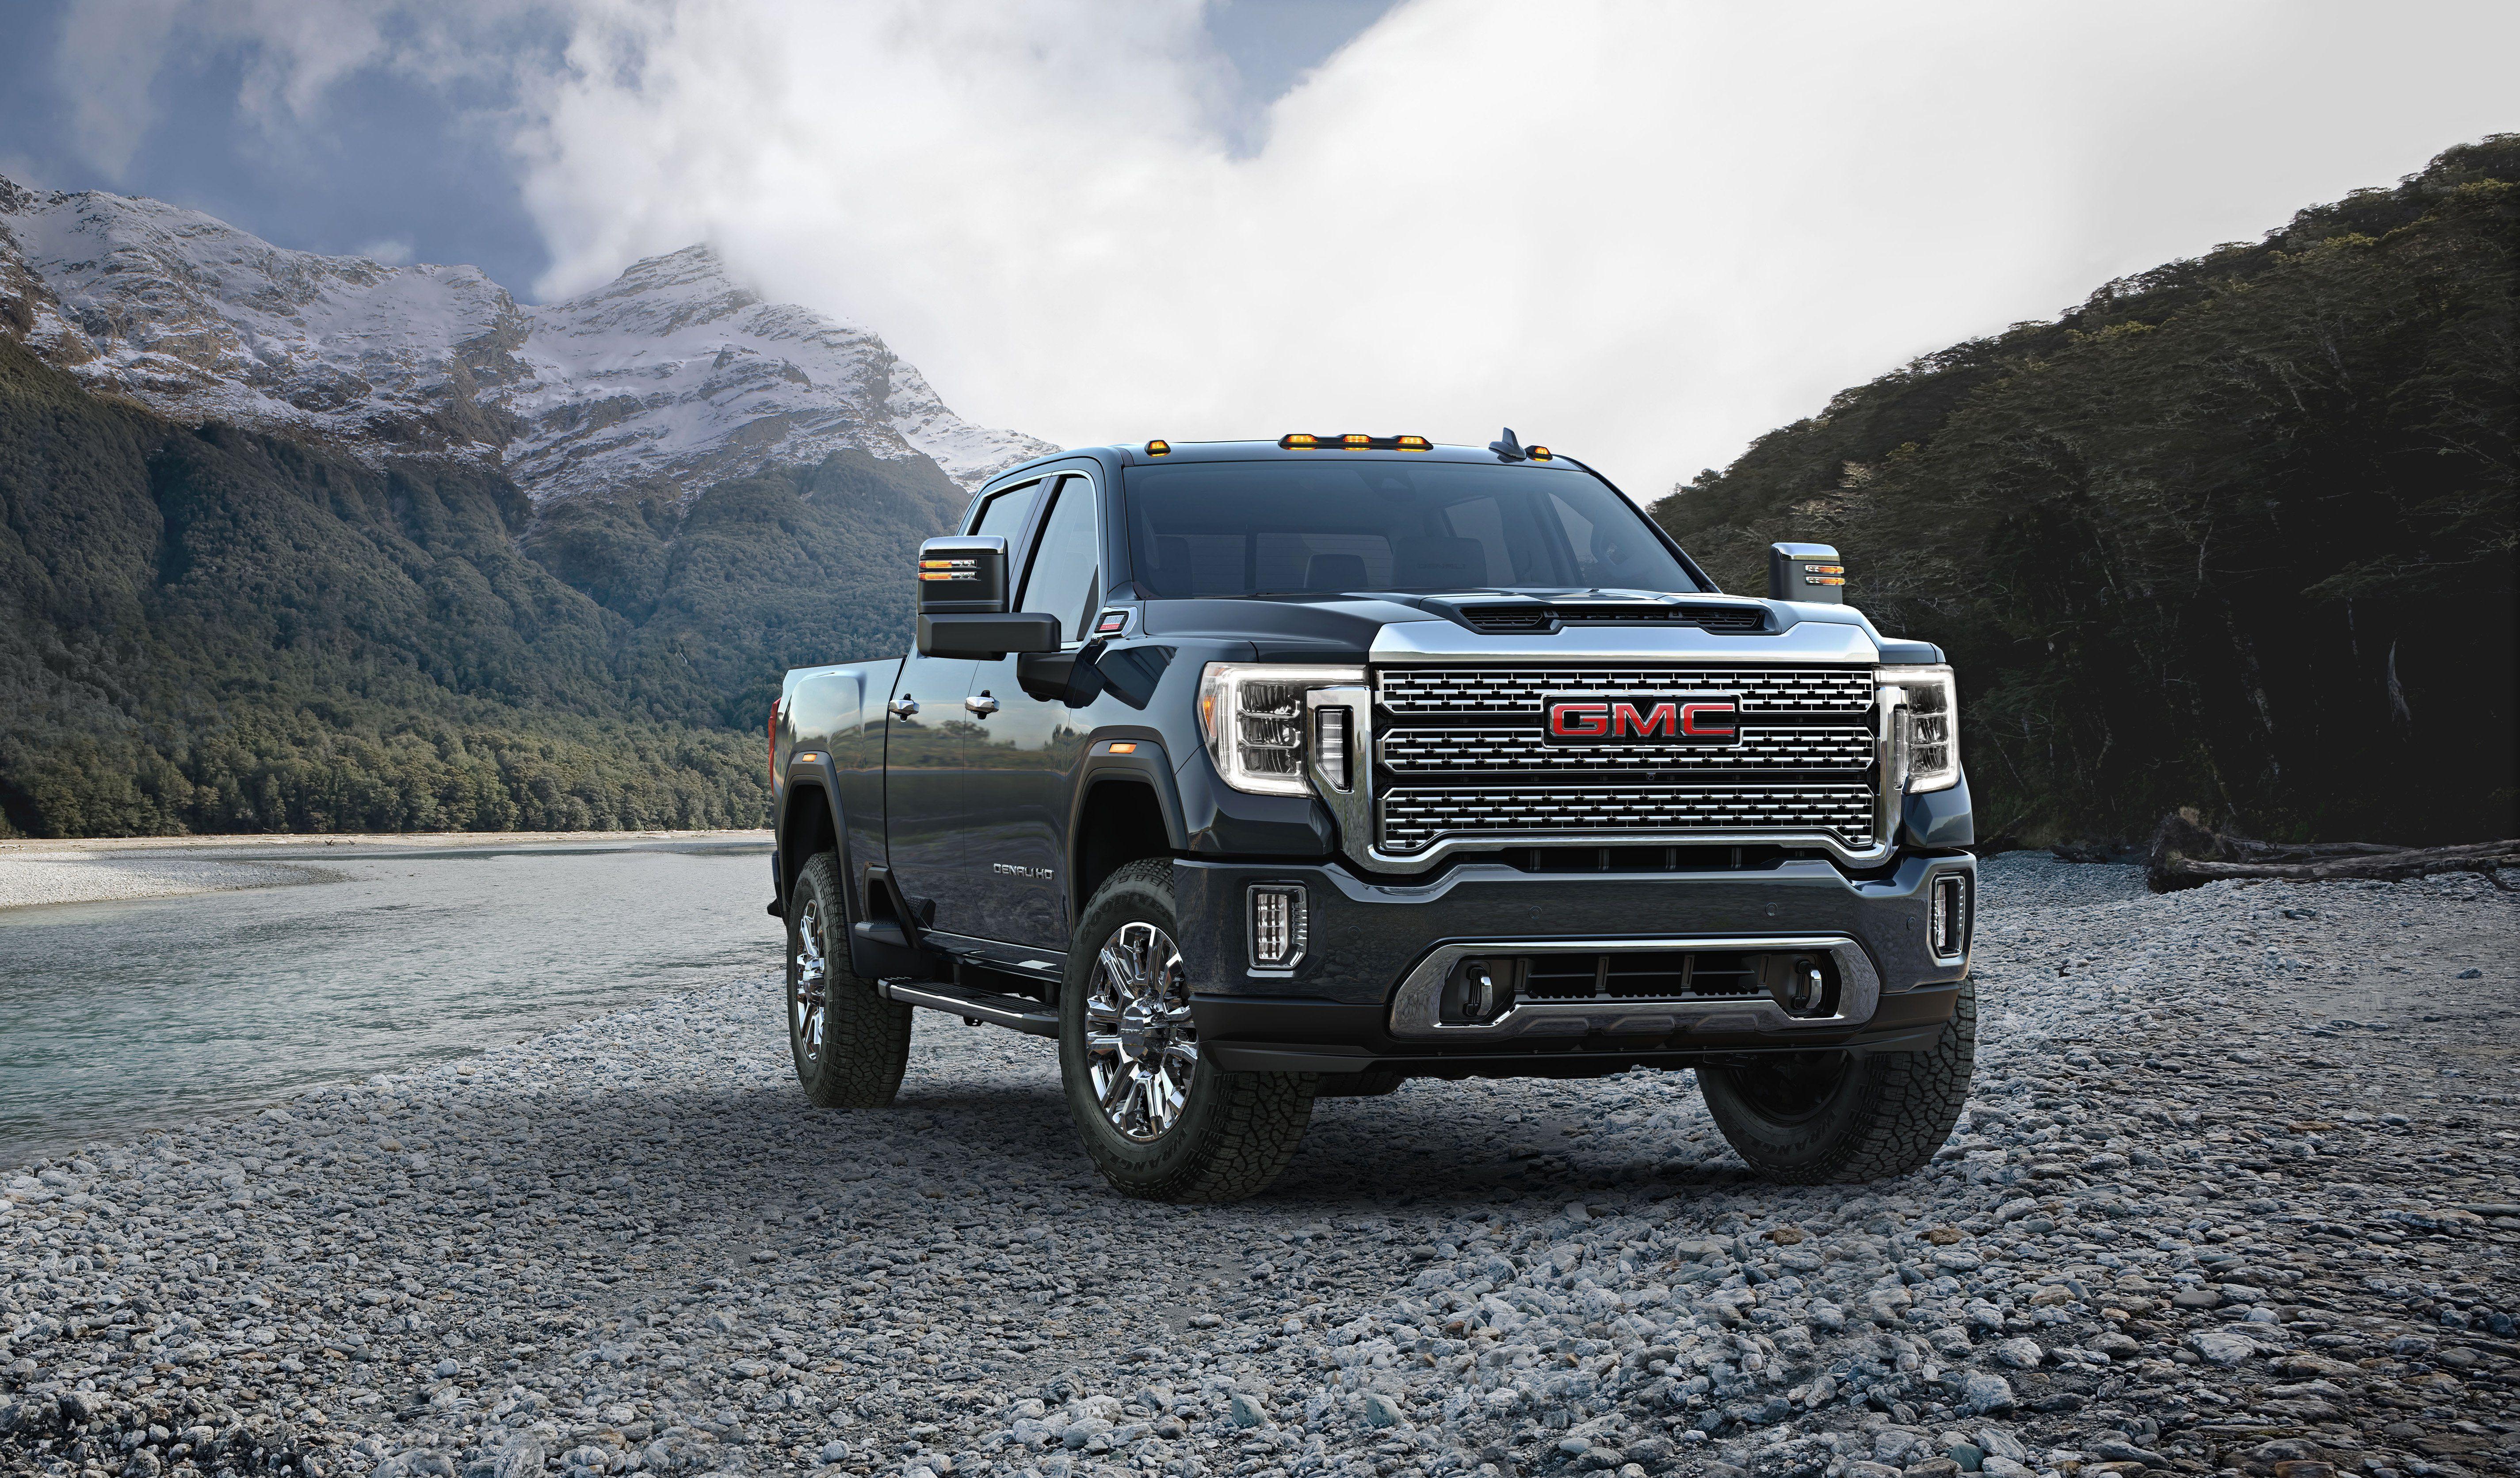 2020 Gmc Sierra Hd Top Speed Custom Trucks Gmc Trucks Gmc